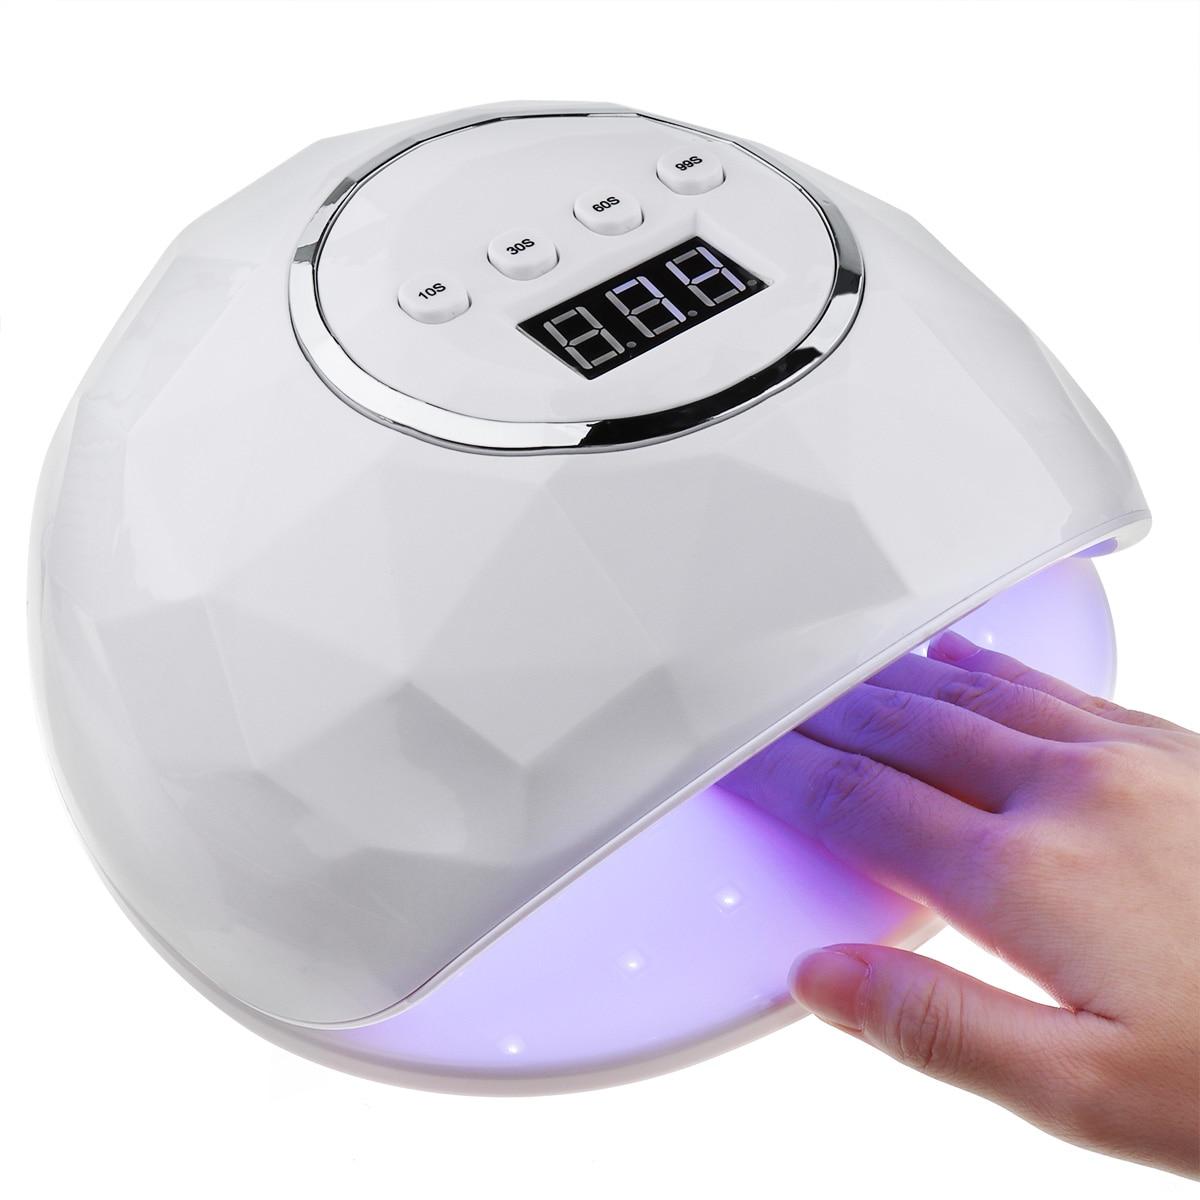 86W UV LED Lamp Nail Art Dryer 39pcs LED Gel Polish Fast Curing Nail Lamp Smart Auto Sensor Timer Nail Manicure Machine